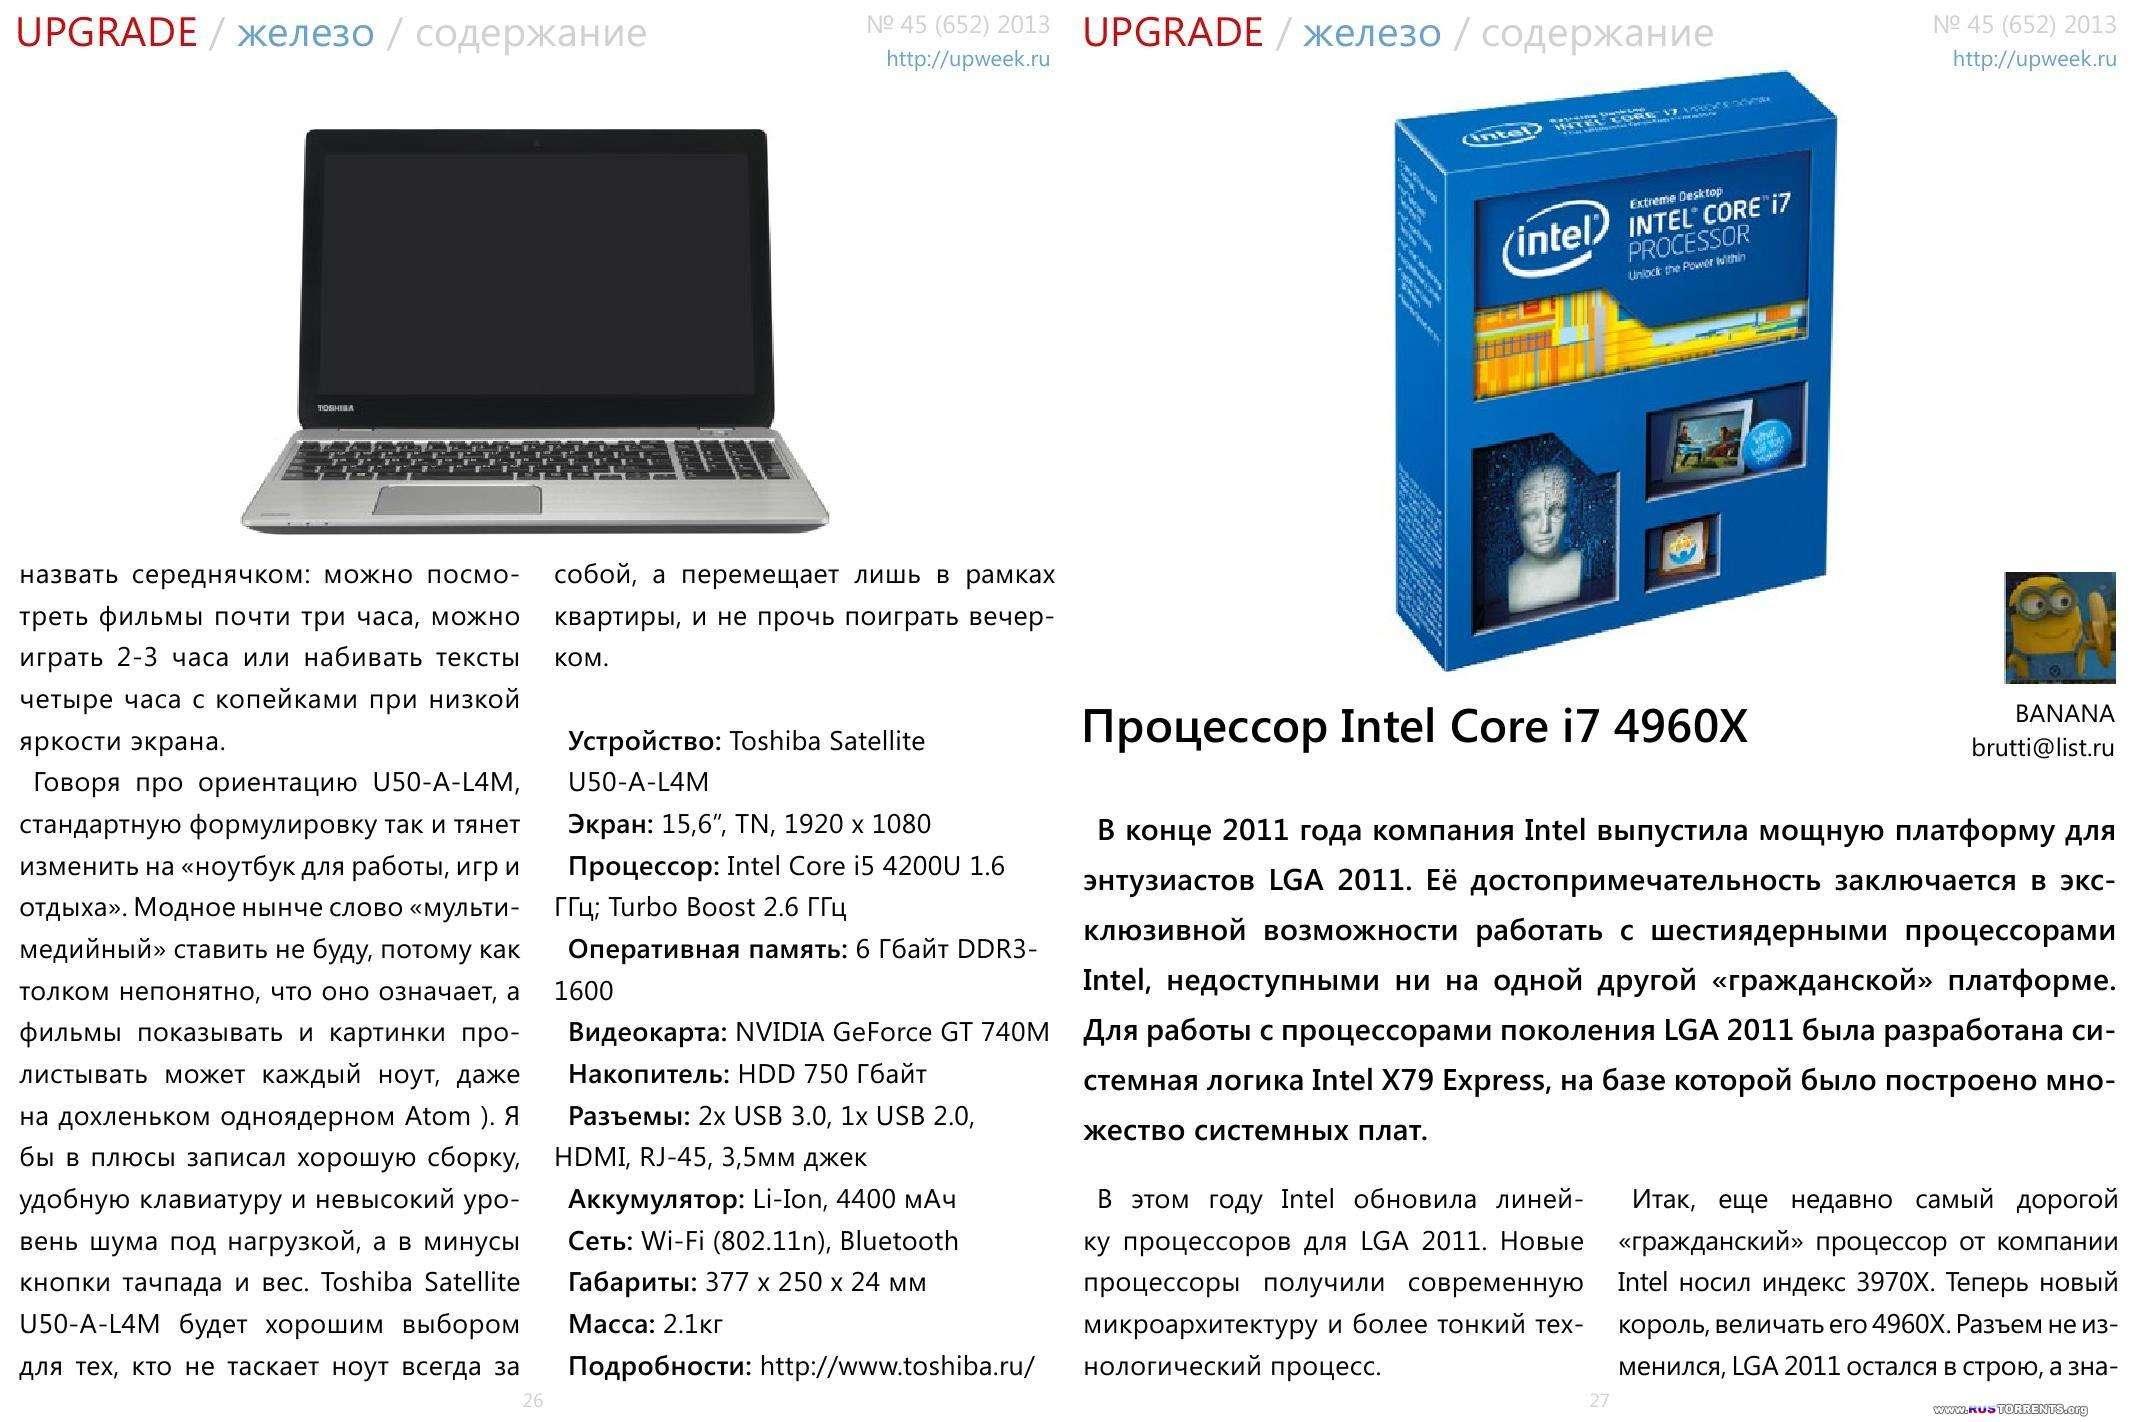 Upgrade №44, №45